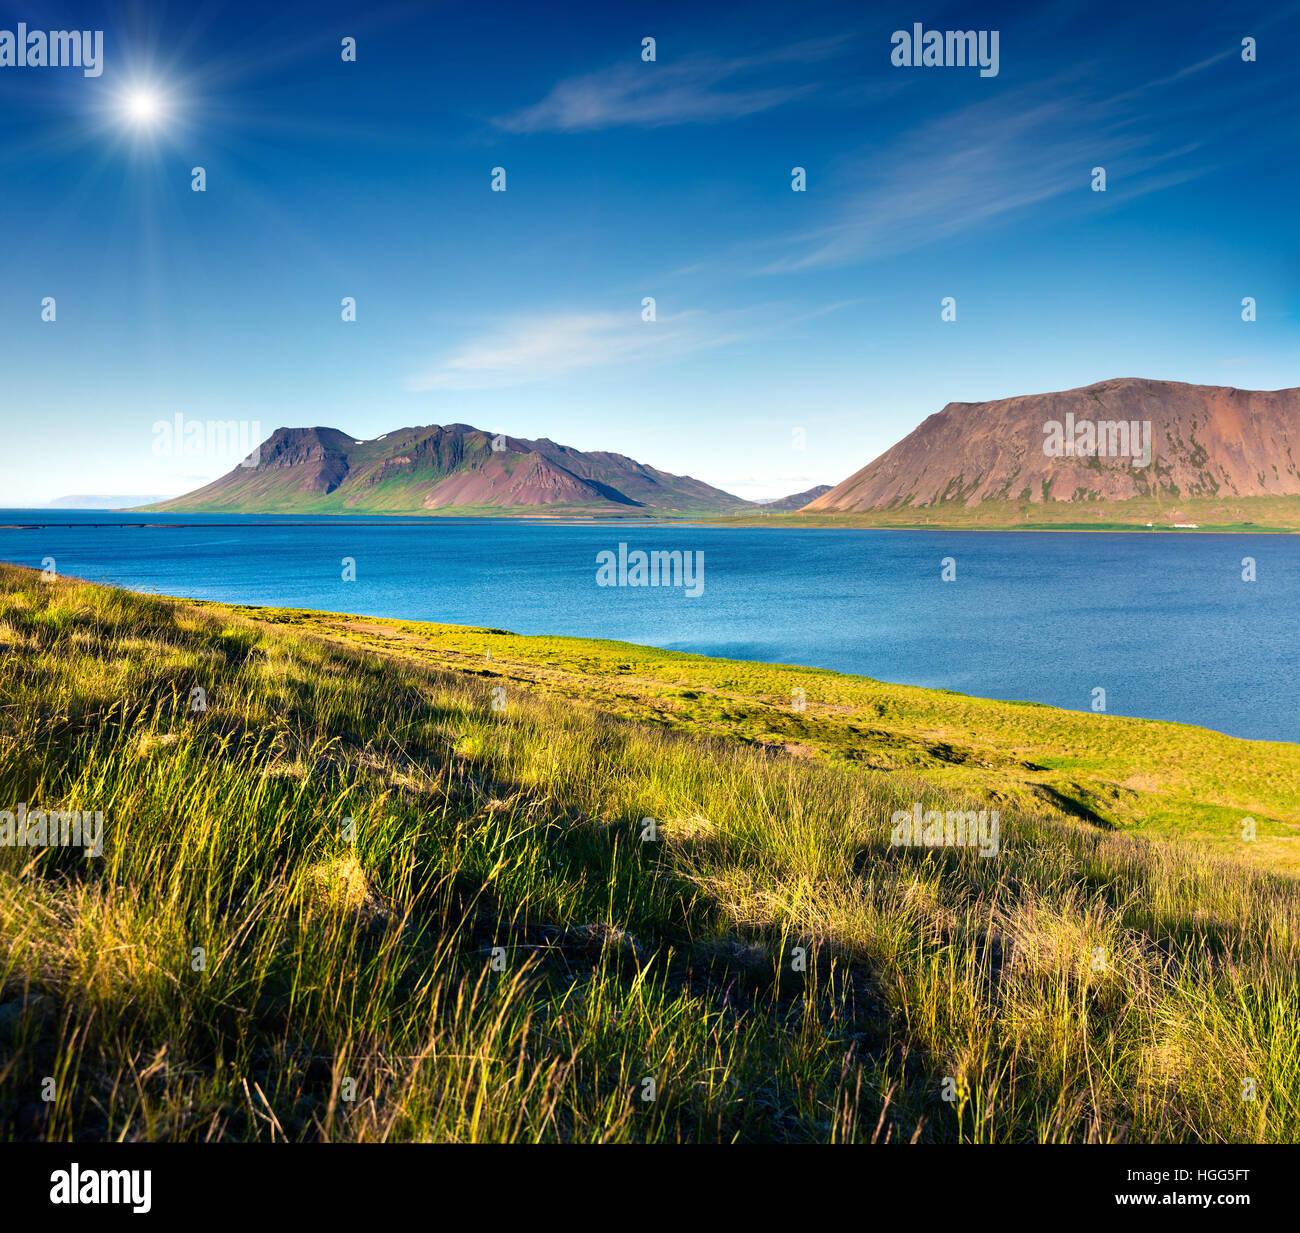 Paysage islandais typique avec les montagnes volcaniques et rivière d'eau pure. Matin d'été ensoleillé dans la côte Banque D'Images